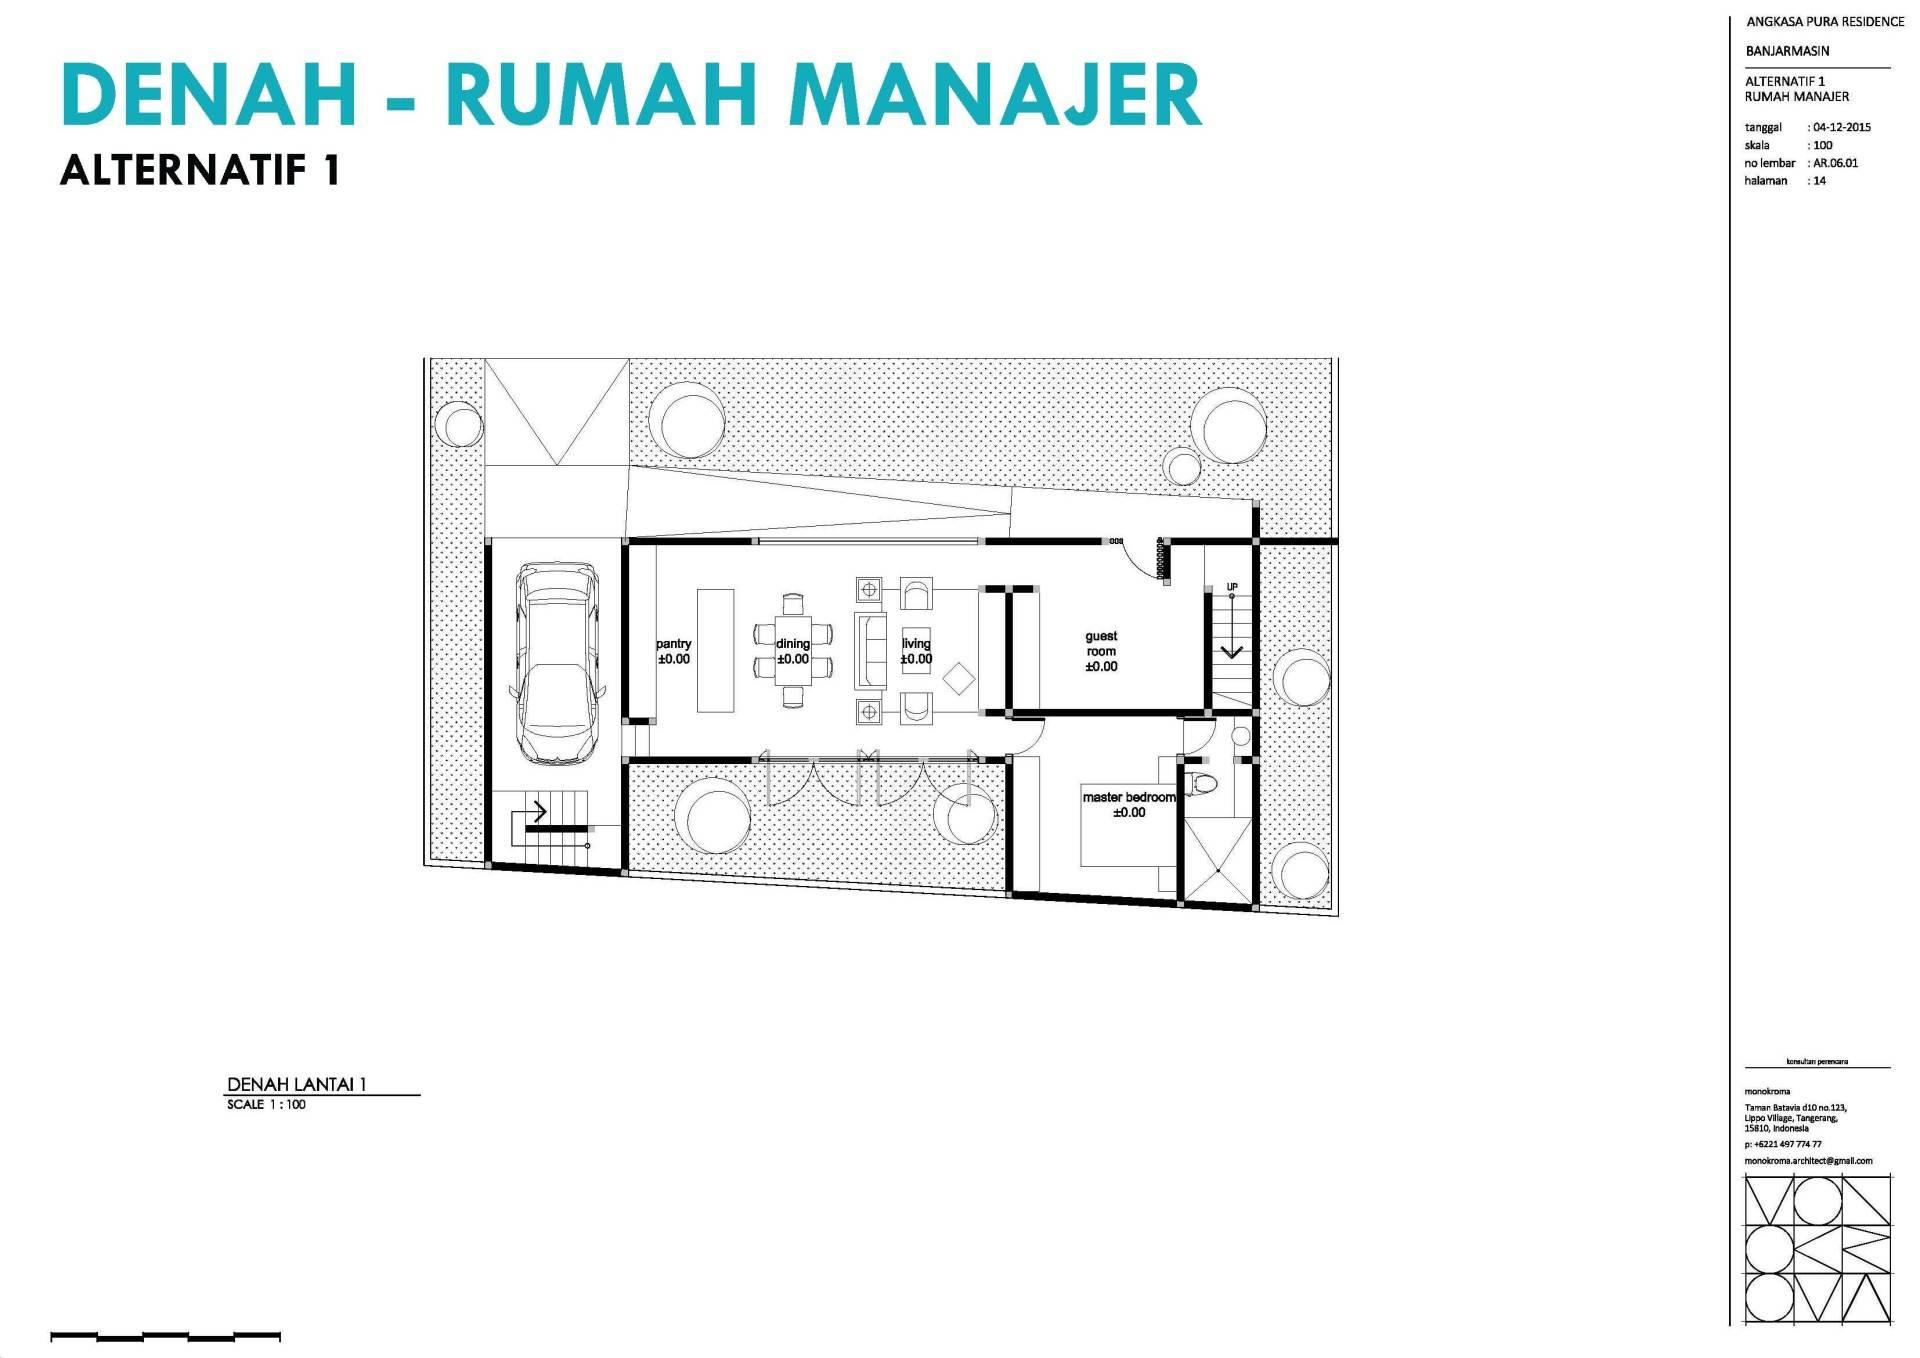 Monokroma Architect Banjarbaru Residence Indonesia Indonesia Denah Modern  575